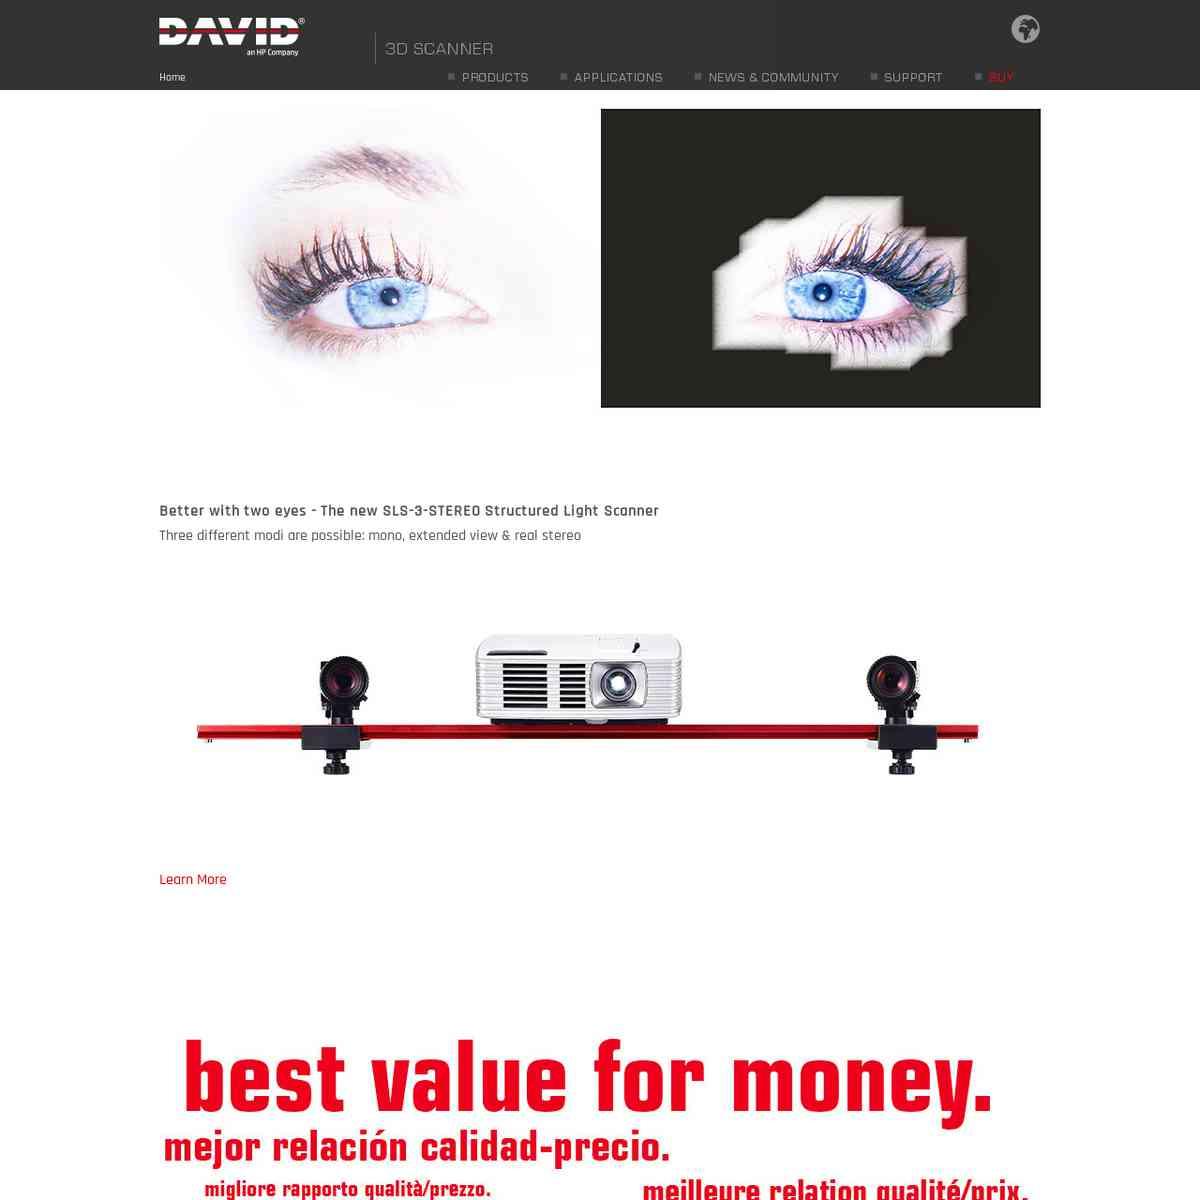 david-3d.com